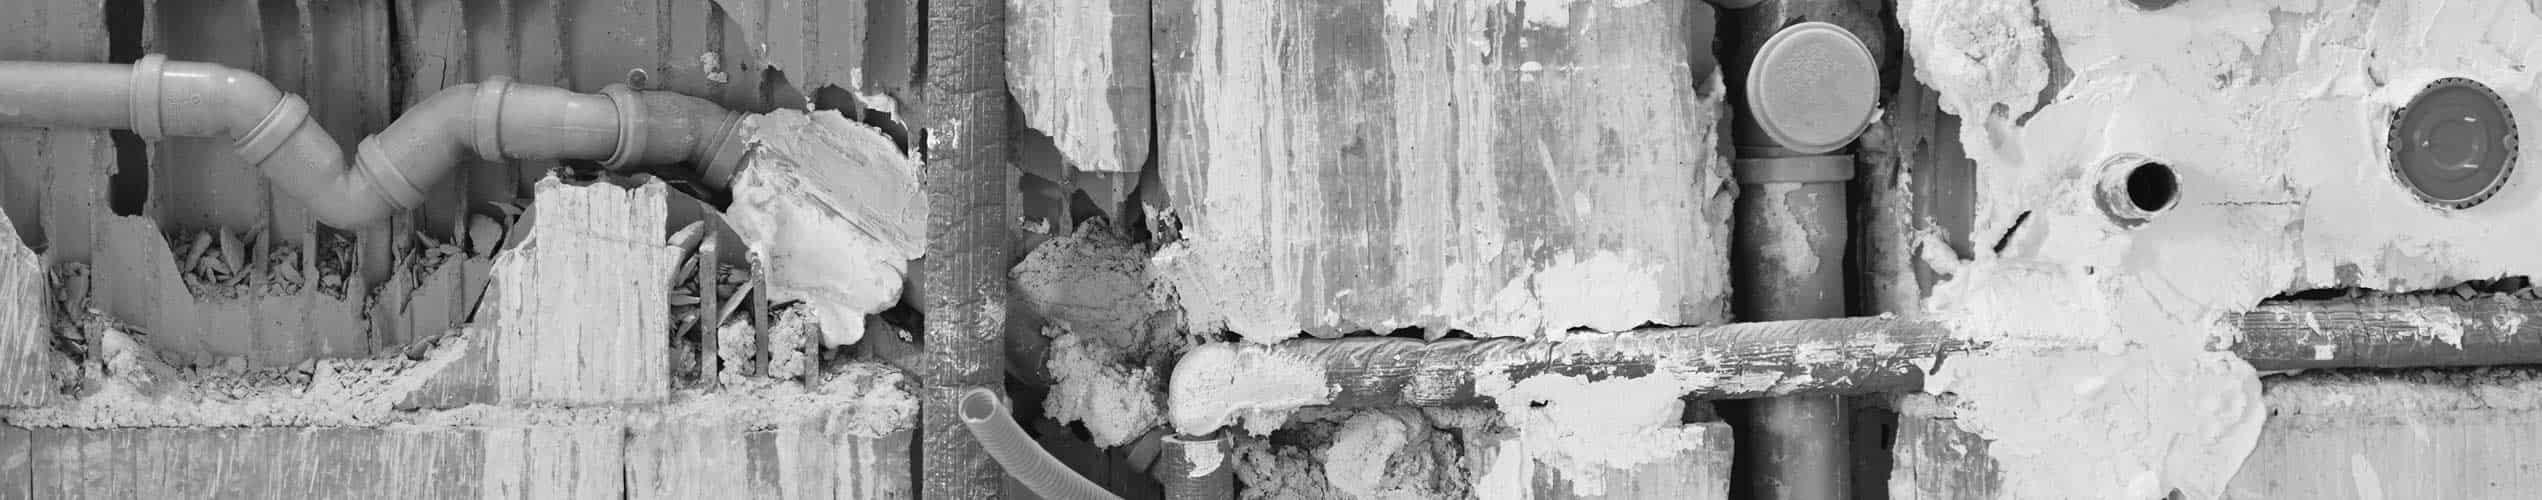 Offerte verbouw of nieuwbouw aanvragen Waddinxveen